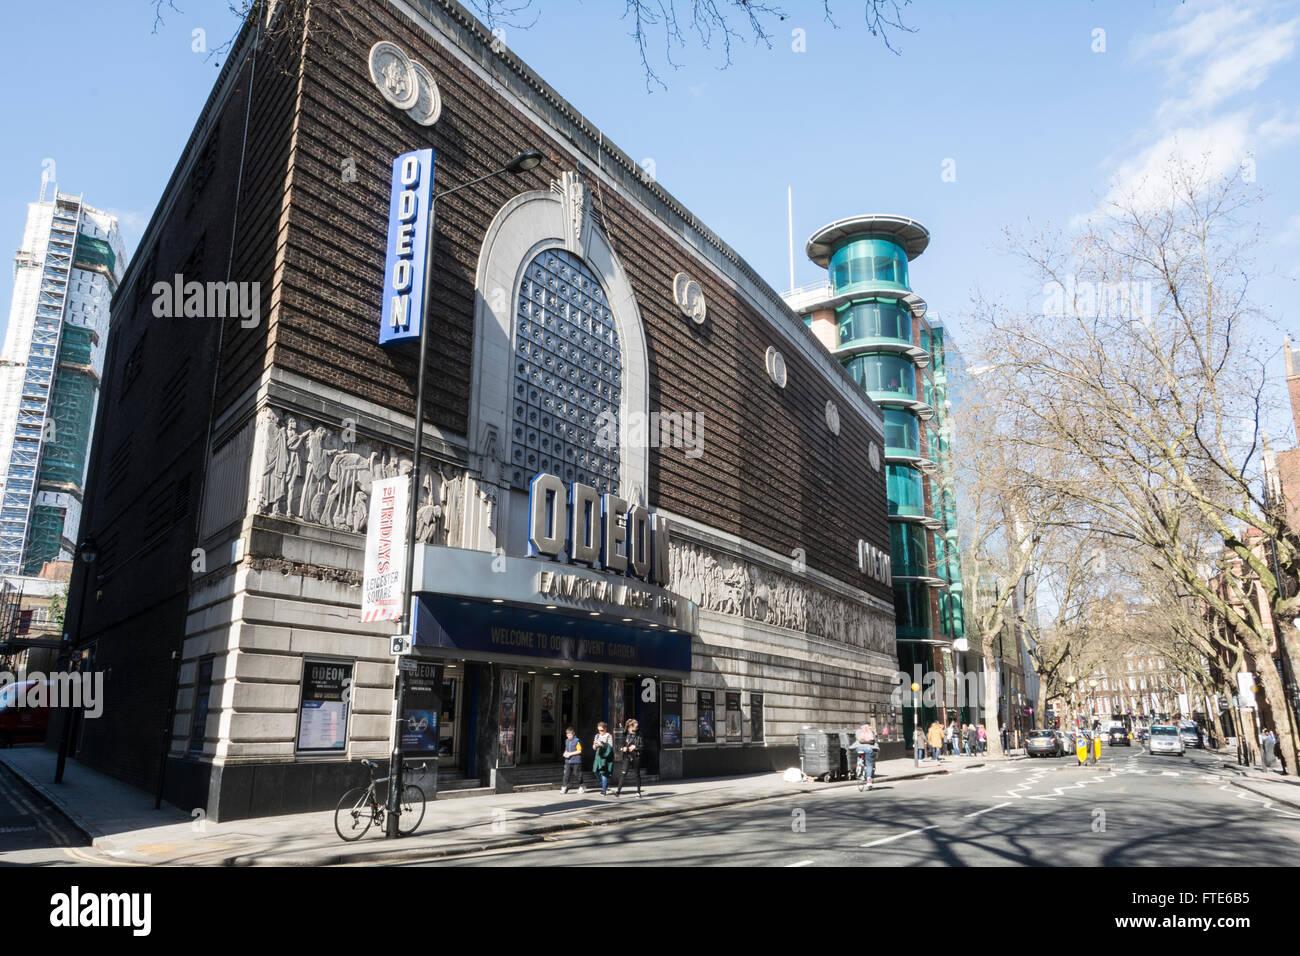 The exterior facade of the Odeon Covent Garden, London, UK Stock Photo